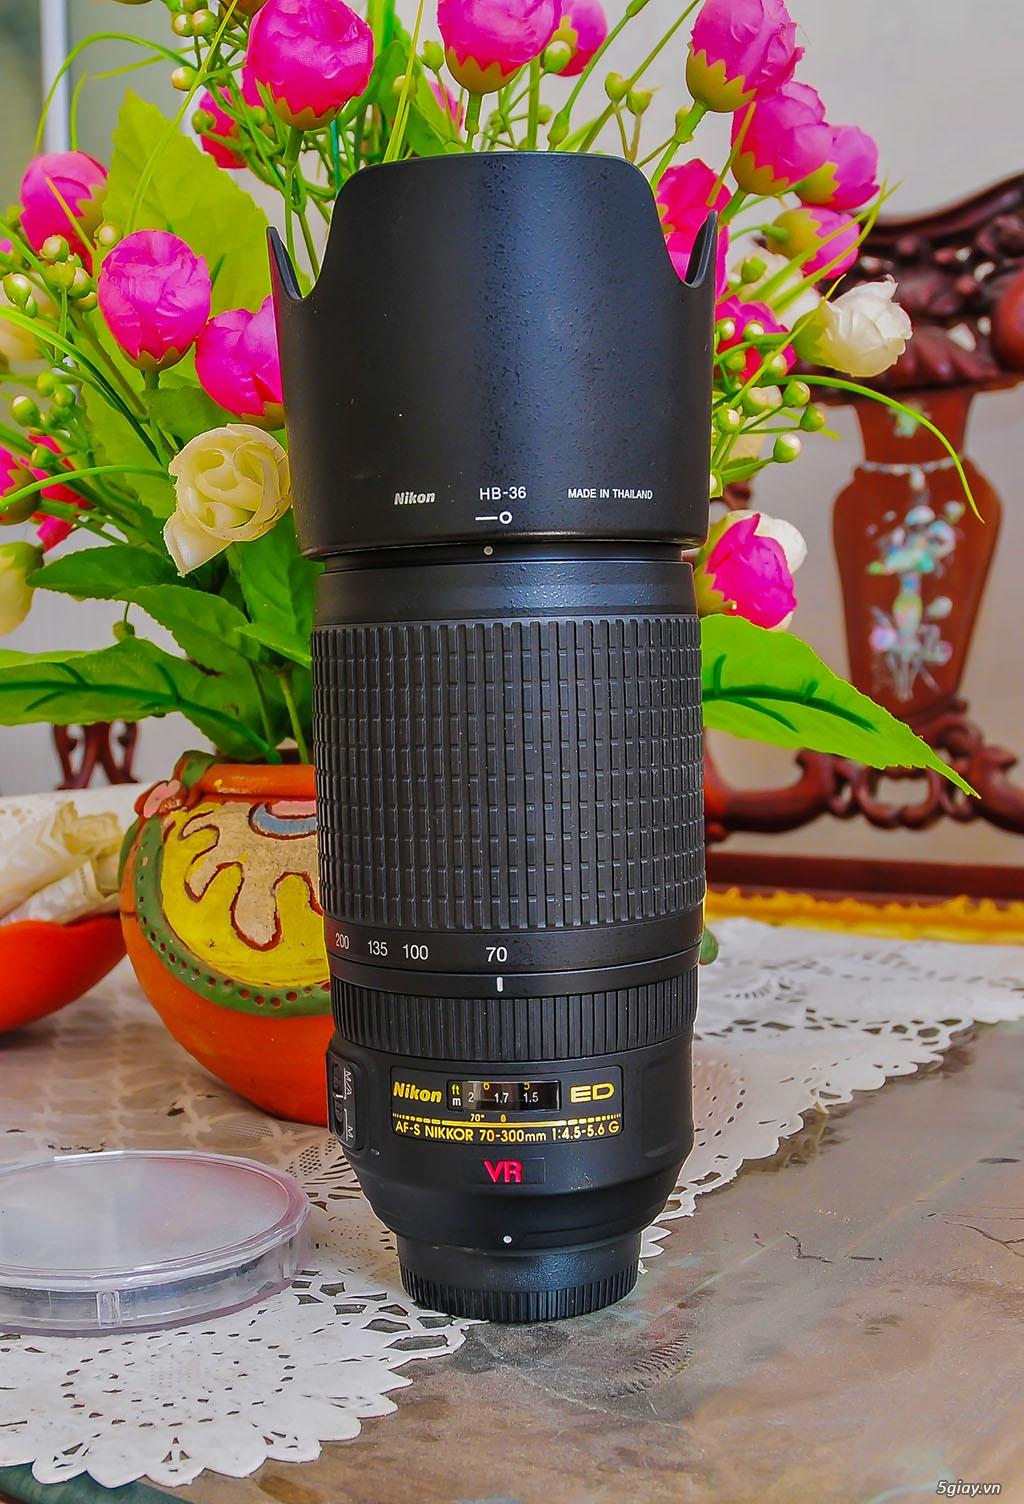 Bán lens Nikon 70-300/ 4.5-5.6 VR đẹp - 2